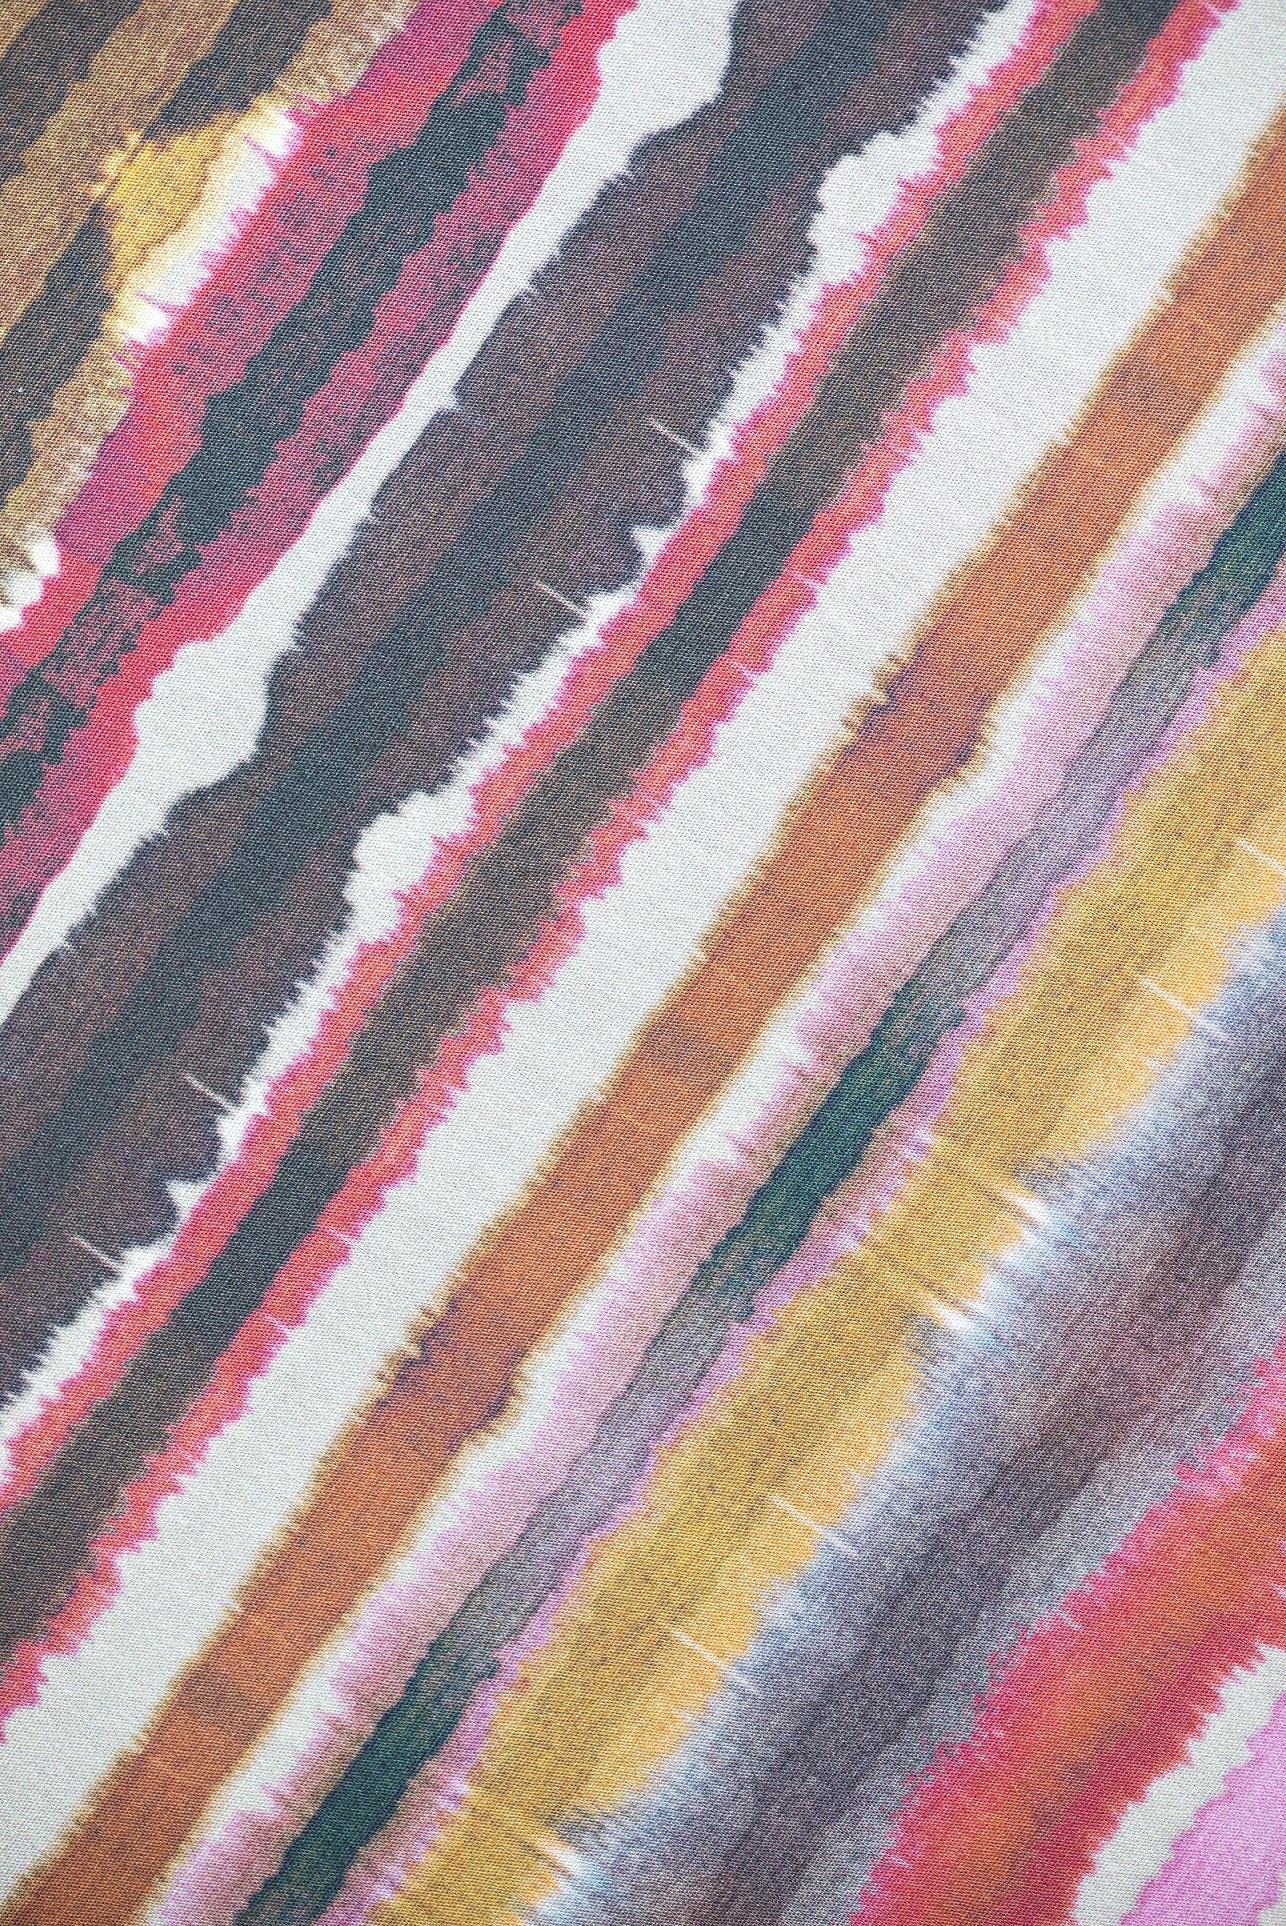 Fotos do produto Tecido Nina Campbell Coleção Rosslyn da arquiteta Renata McCartney para o Rota HAUS. Local: Orlean. Alameda Dr. Carlos de Carvalho, 1069 - Centro.